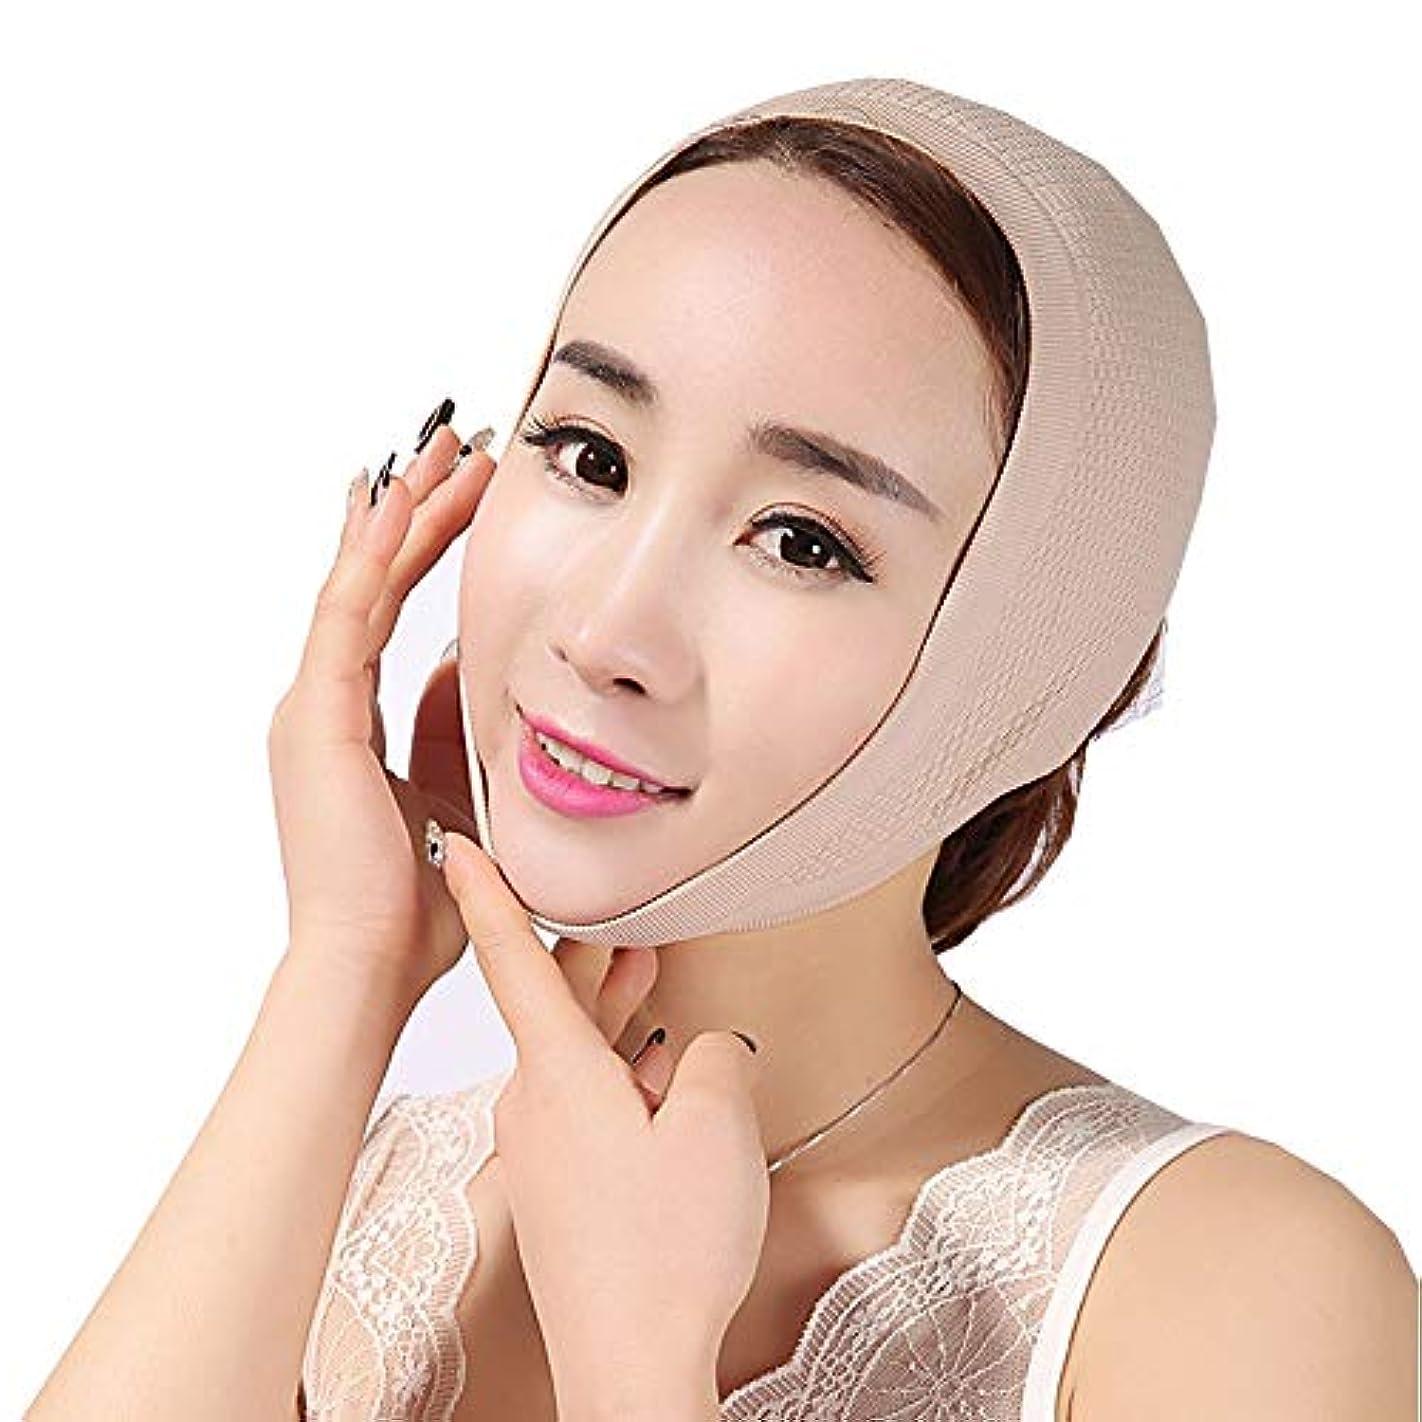 筋自動的に優先権フェイスマスクで眠る薄い顔フェイスリフトフェイスリフトアーティファクトスモールフェイスVフェイスリフト付きフェイスフェイス包帯引き上げジョーセット